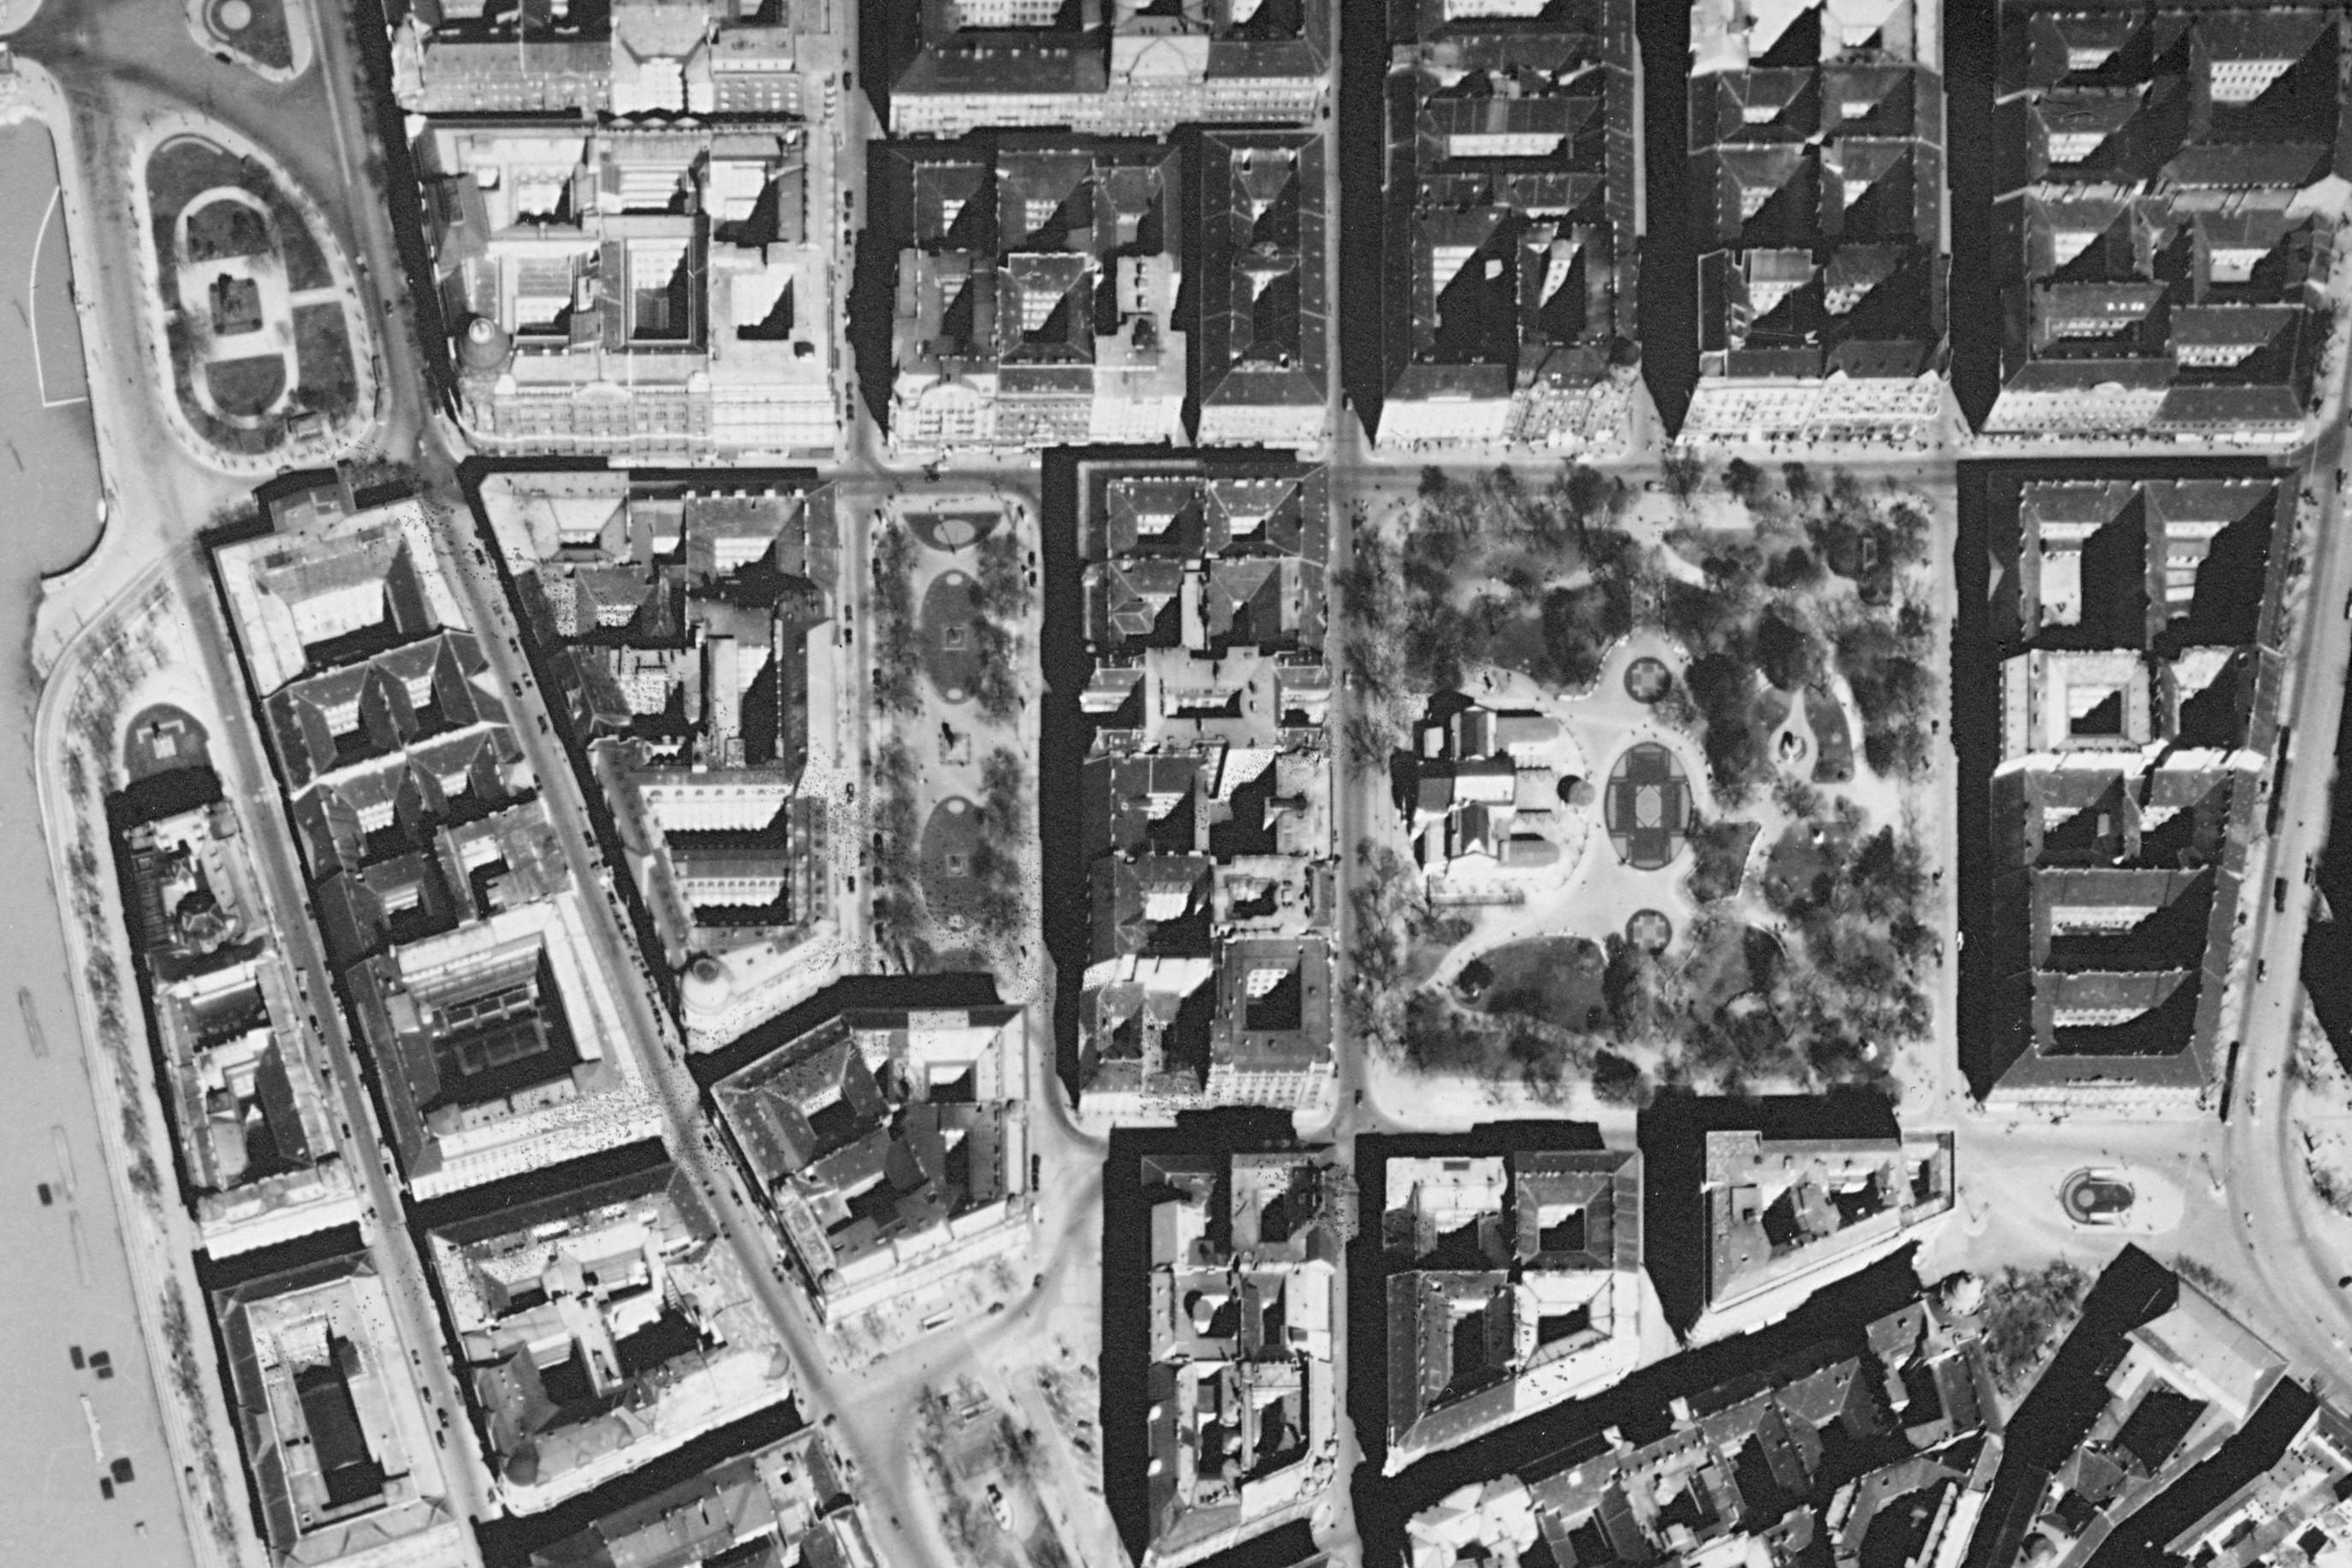 1944 budapesti légifelvétel - József nádor tér, Erzsébet tér - crop from fortepan 109128.jpg